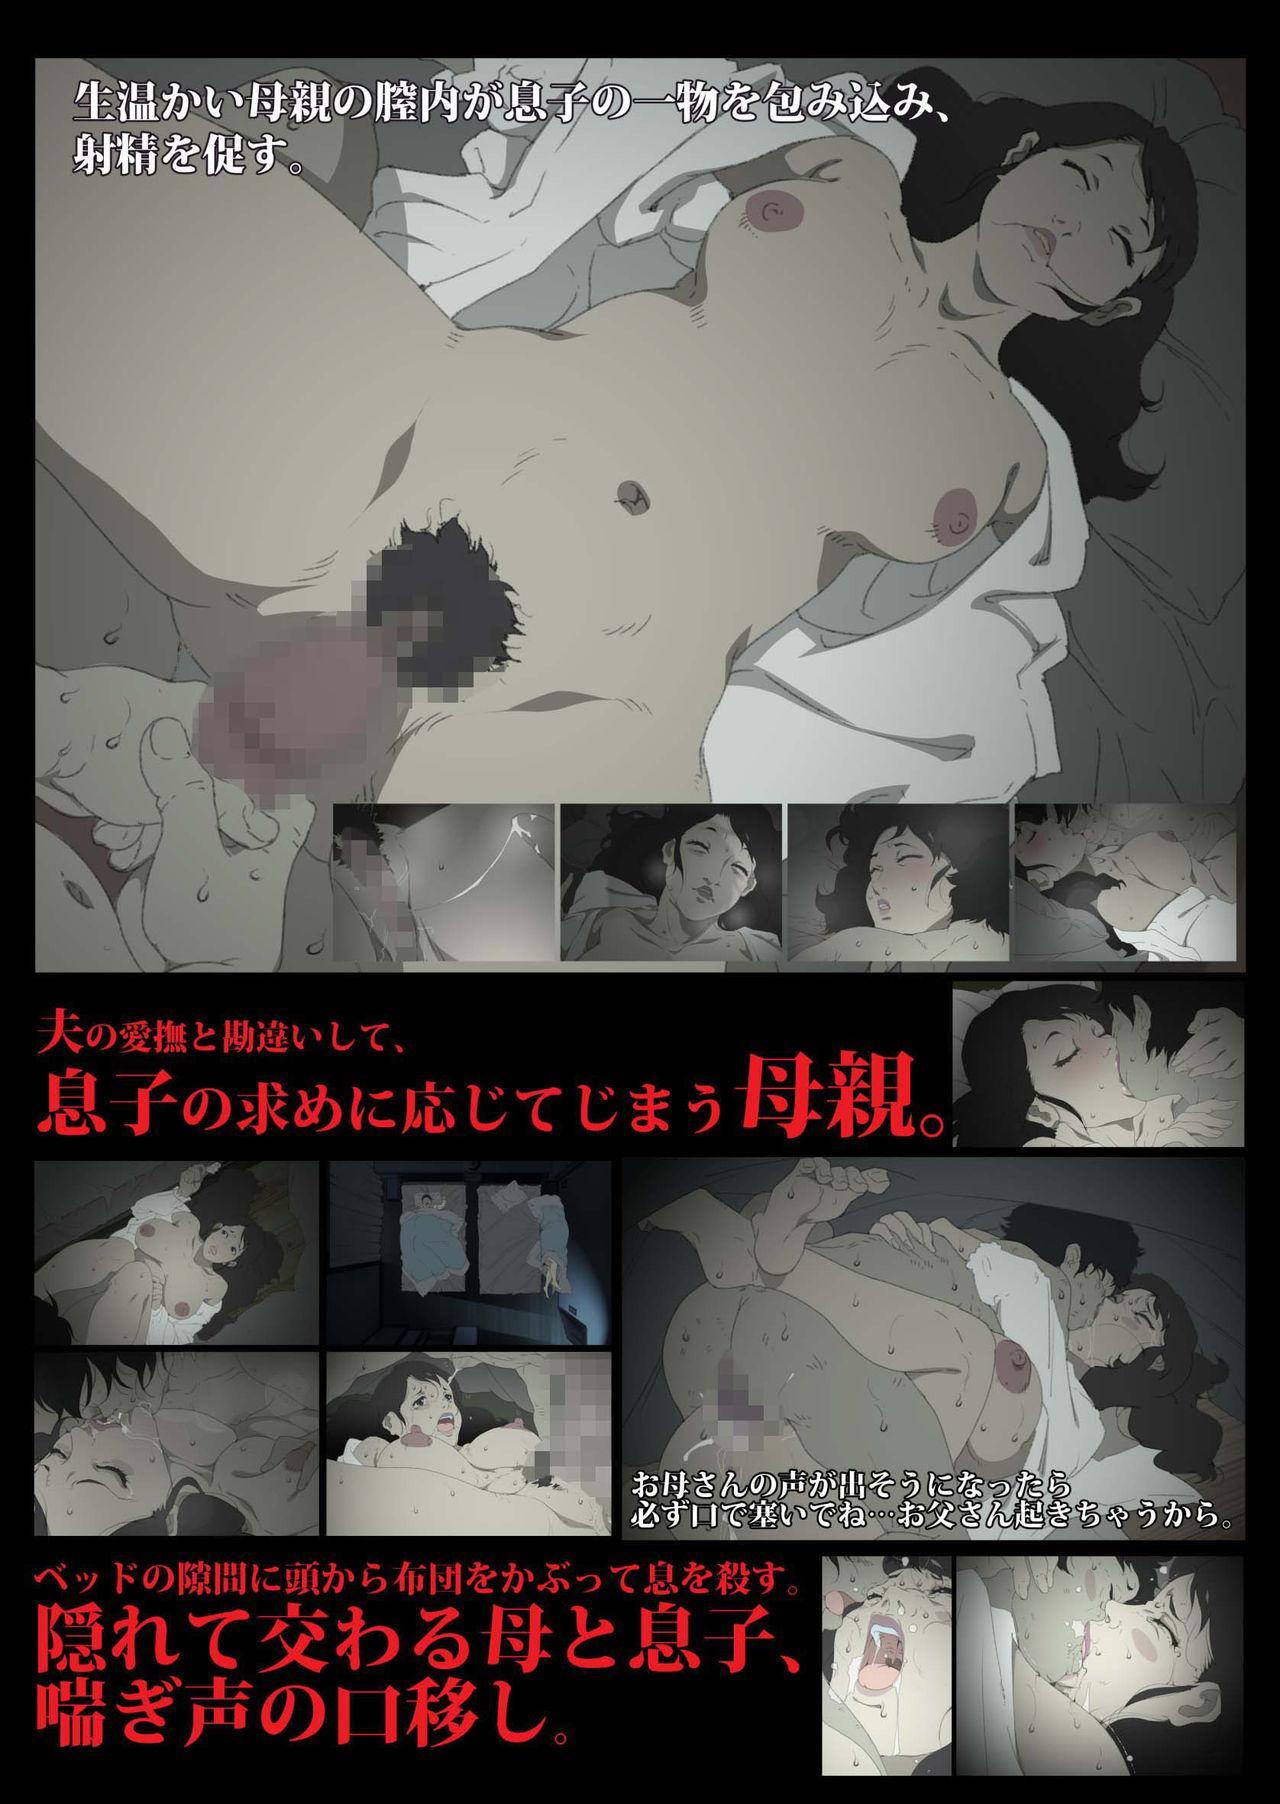 Ryoushin ga Neteiru Shinshitsu ni Shinobikomi, Hahaoya ni Yobai o Kakeru Musuko no Hanashi. 39